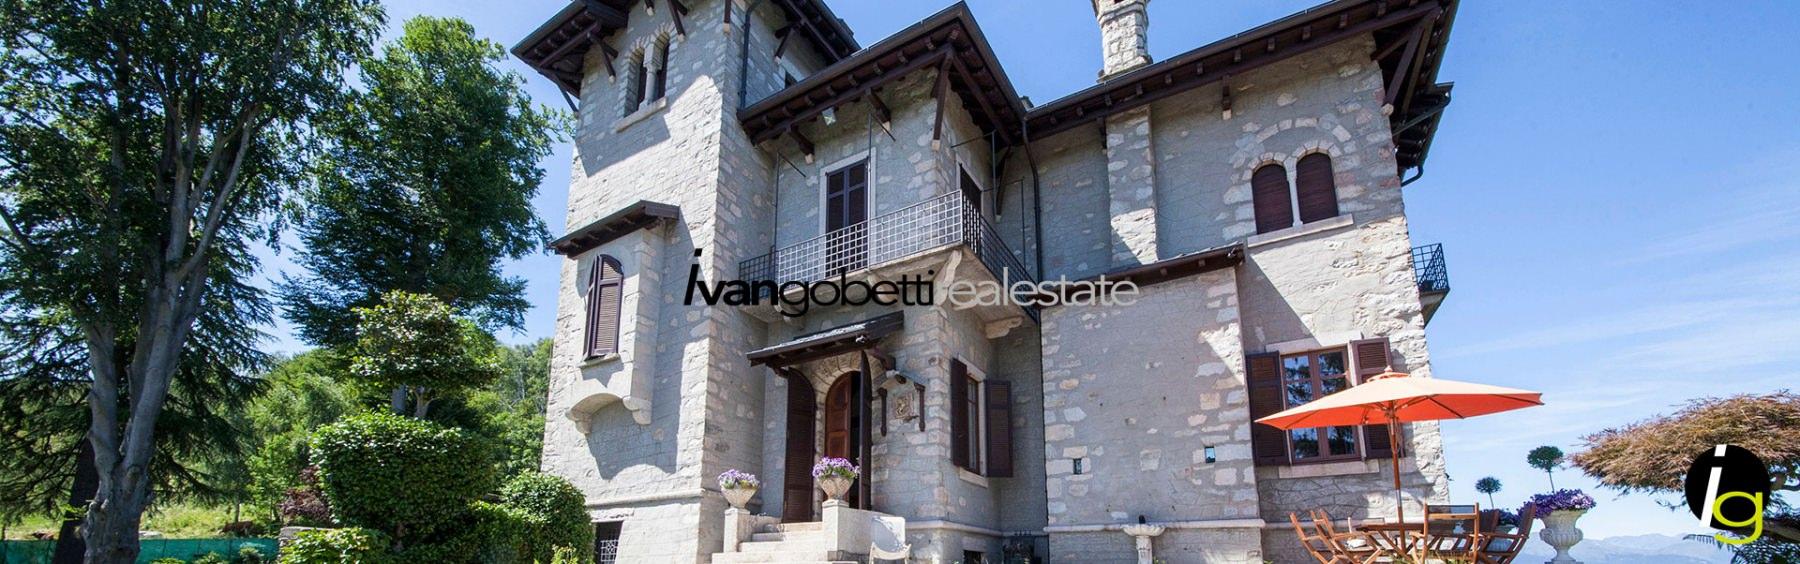 Vendesi villa con spettacolare vista Lago Maggiore, Stresa